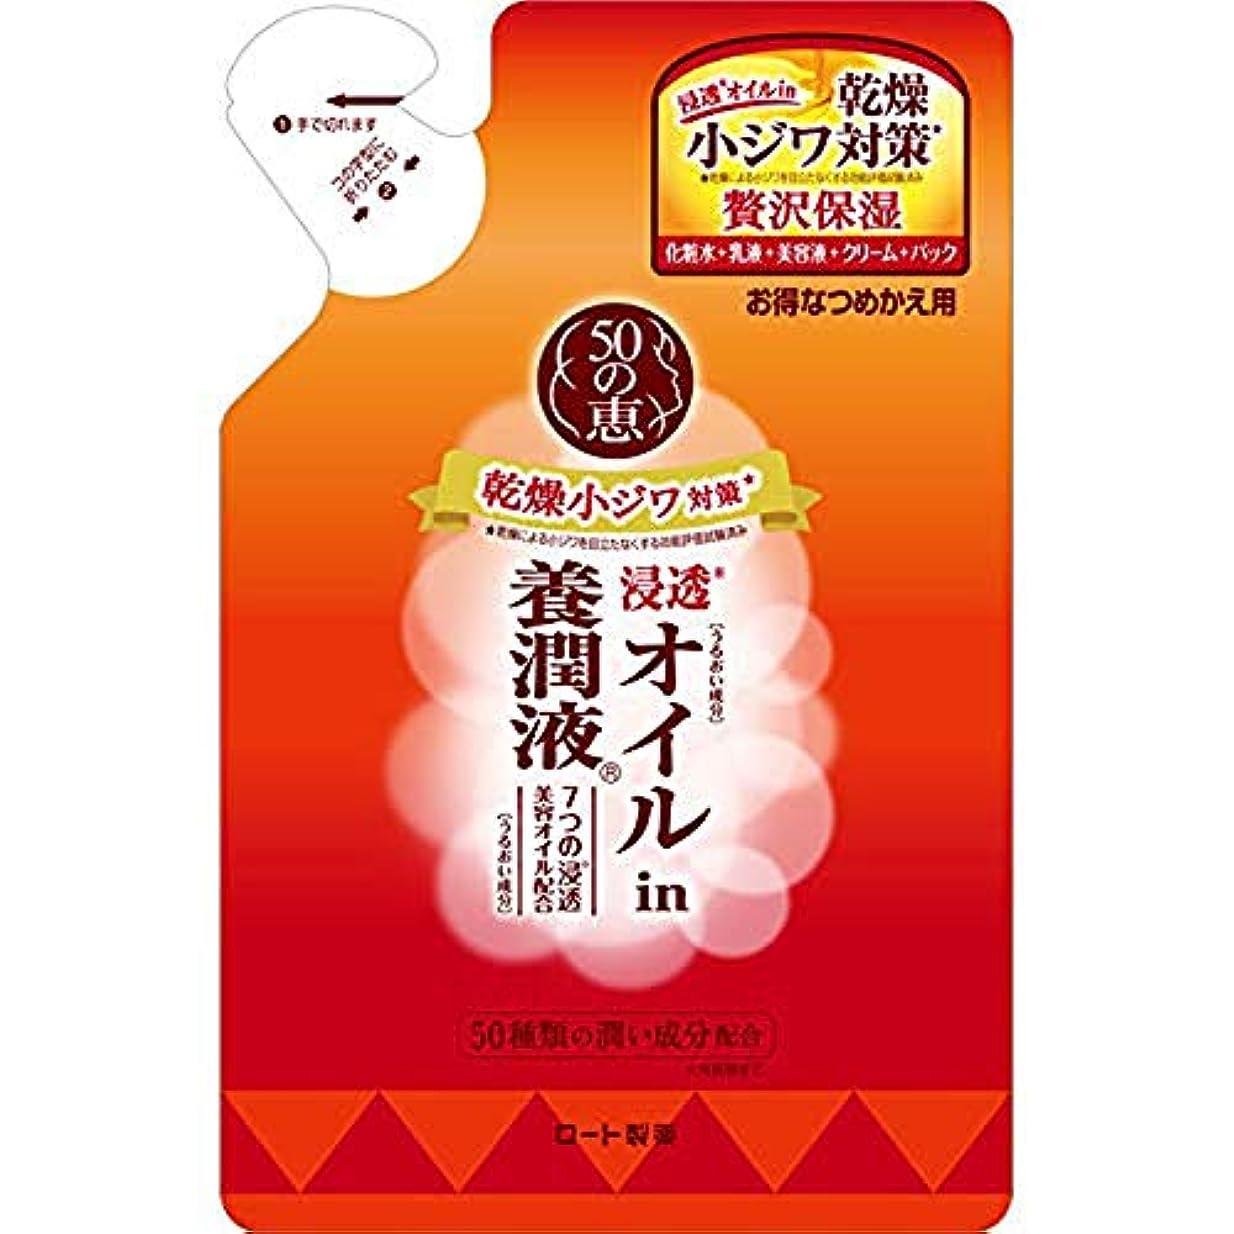 スタックつなぐスリルロート製薬 50の恵 オイルin養潤液 つめかえ用 美容液 オリーブシトラス 200mL